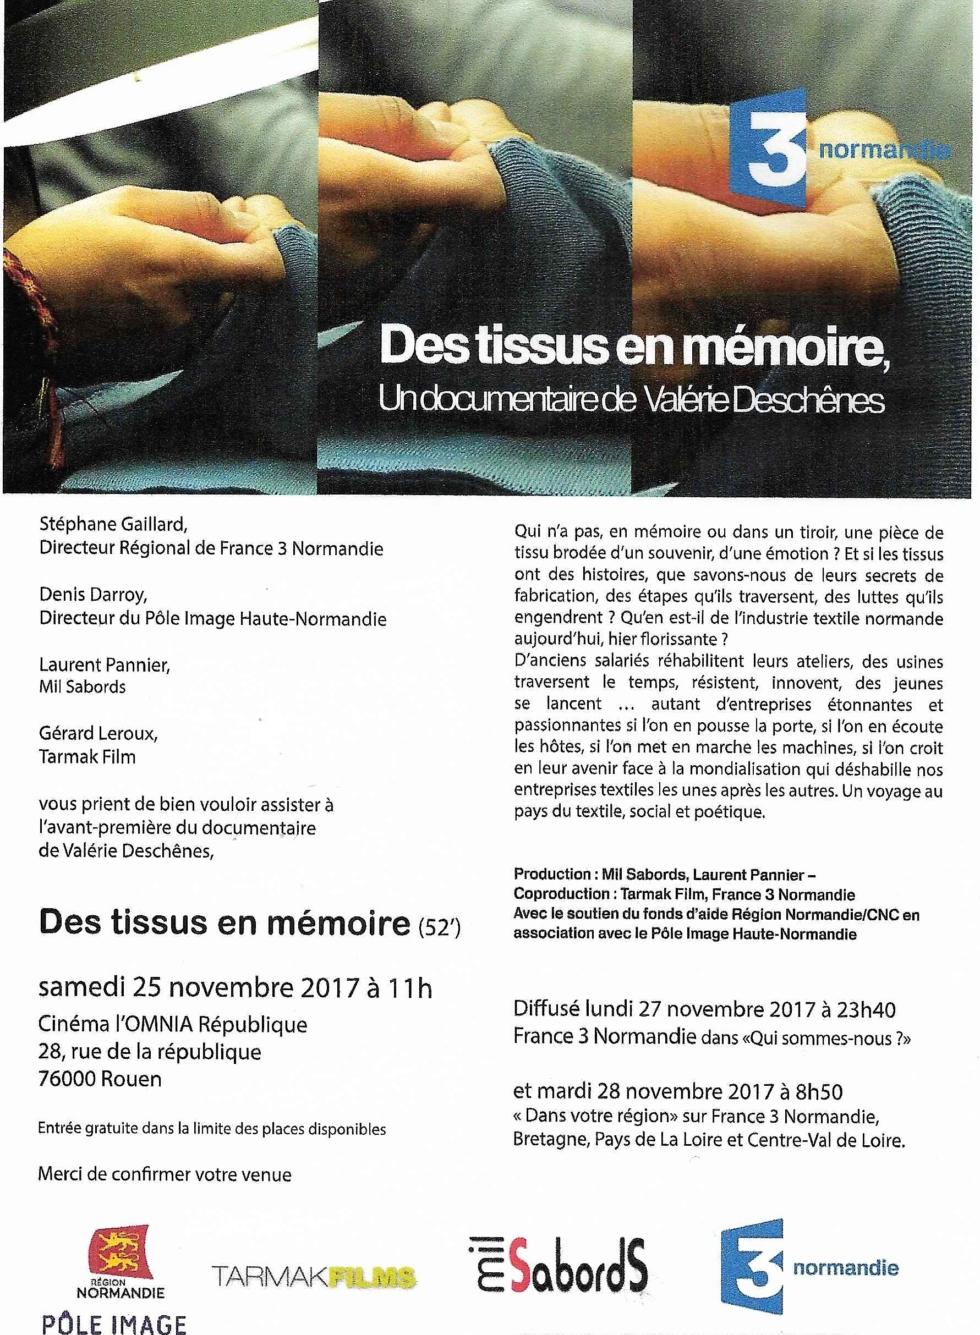 DES TISSUS EN MÉMOIRE -Un documentaire de Valérie Deschênes